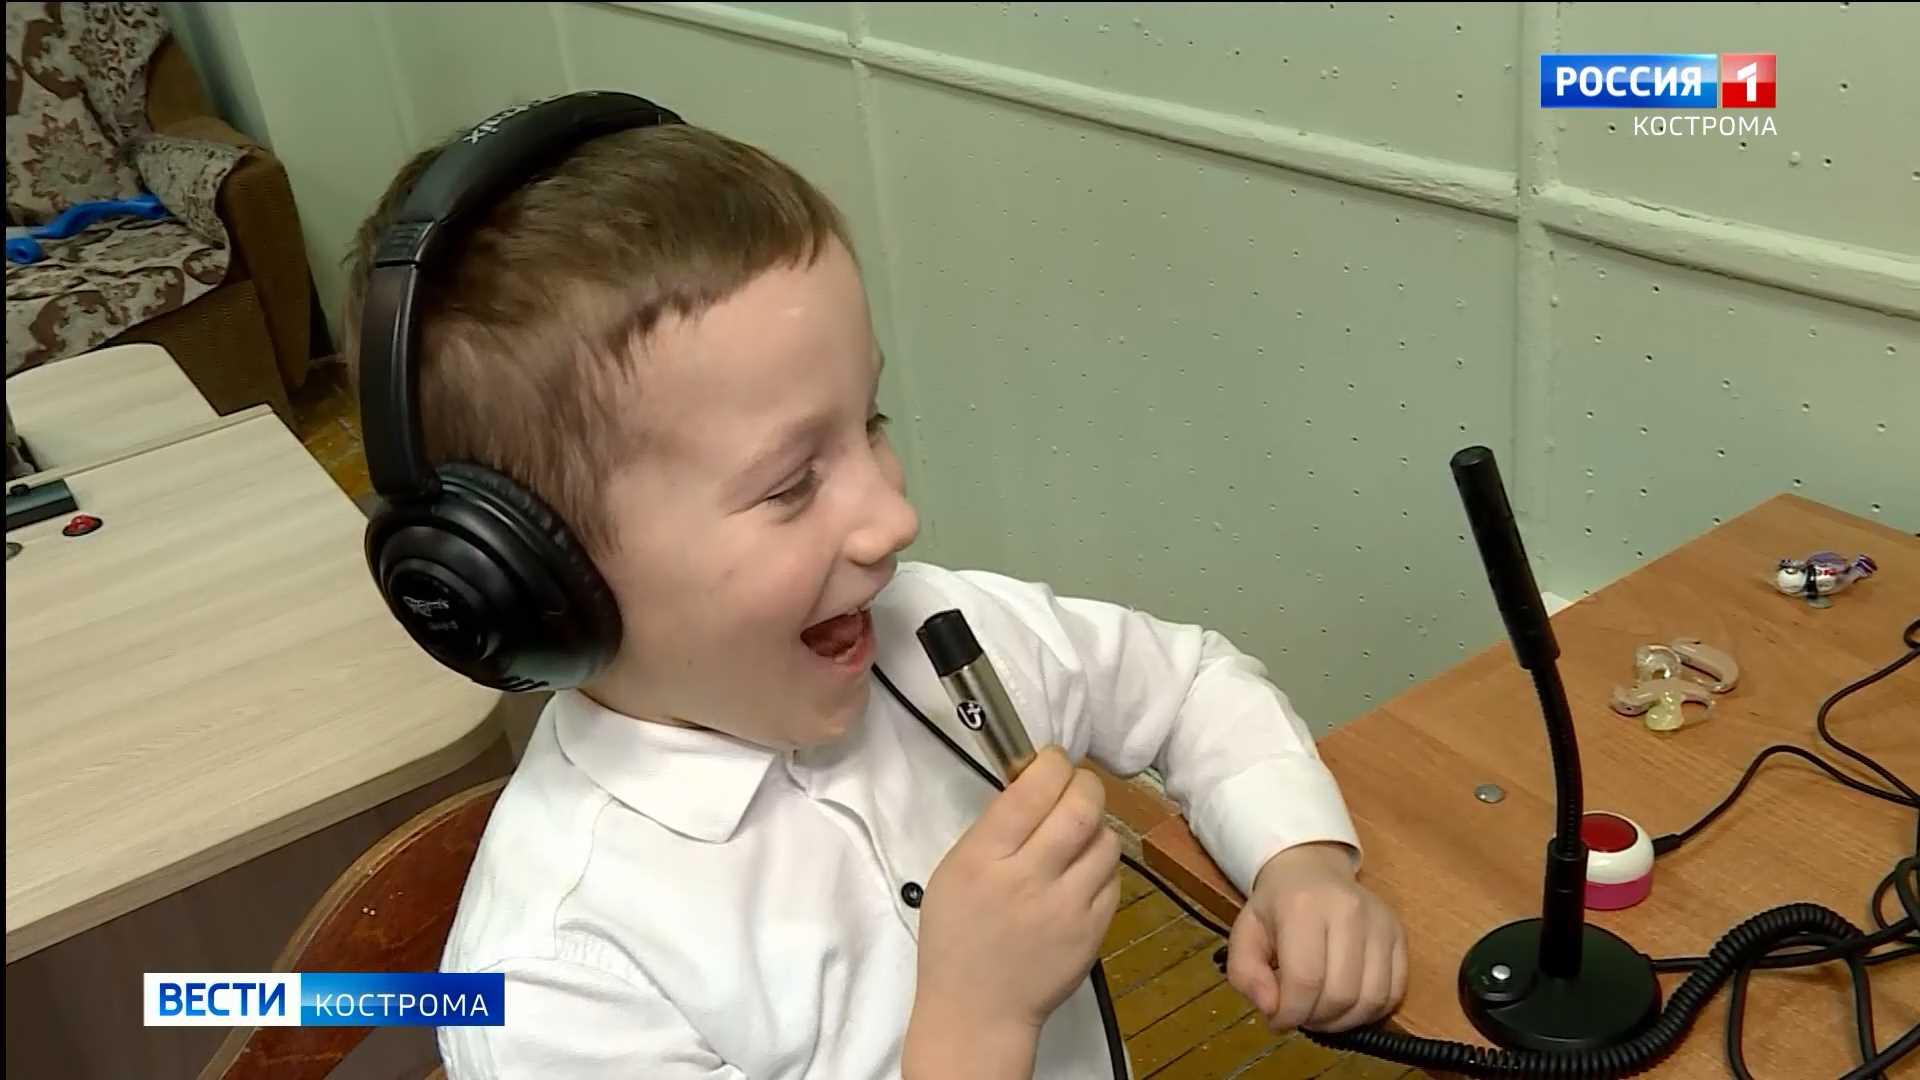 Глухих детей в Костроме научат говорить и слышать себя